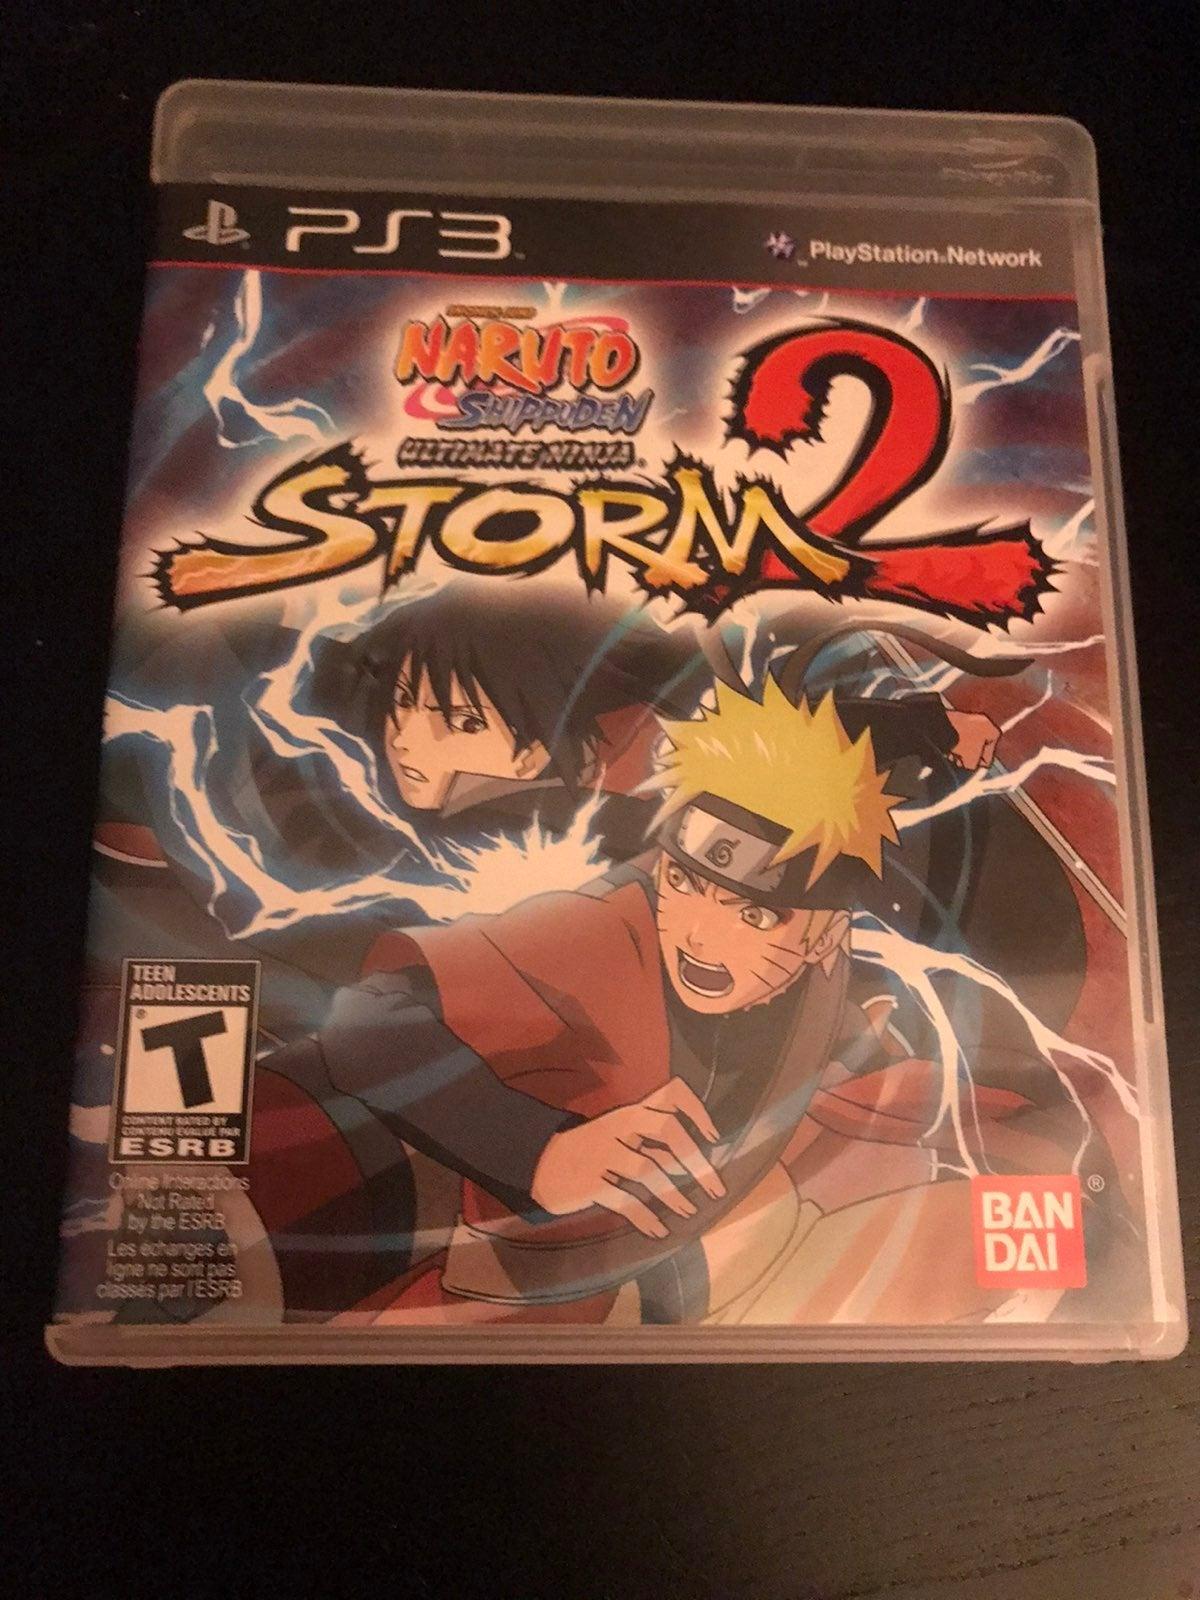 Ultimate Naruto ninja Storm 2 PS3 game